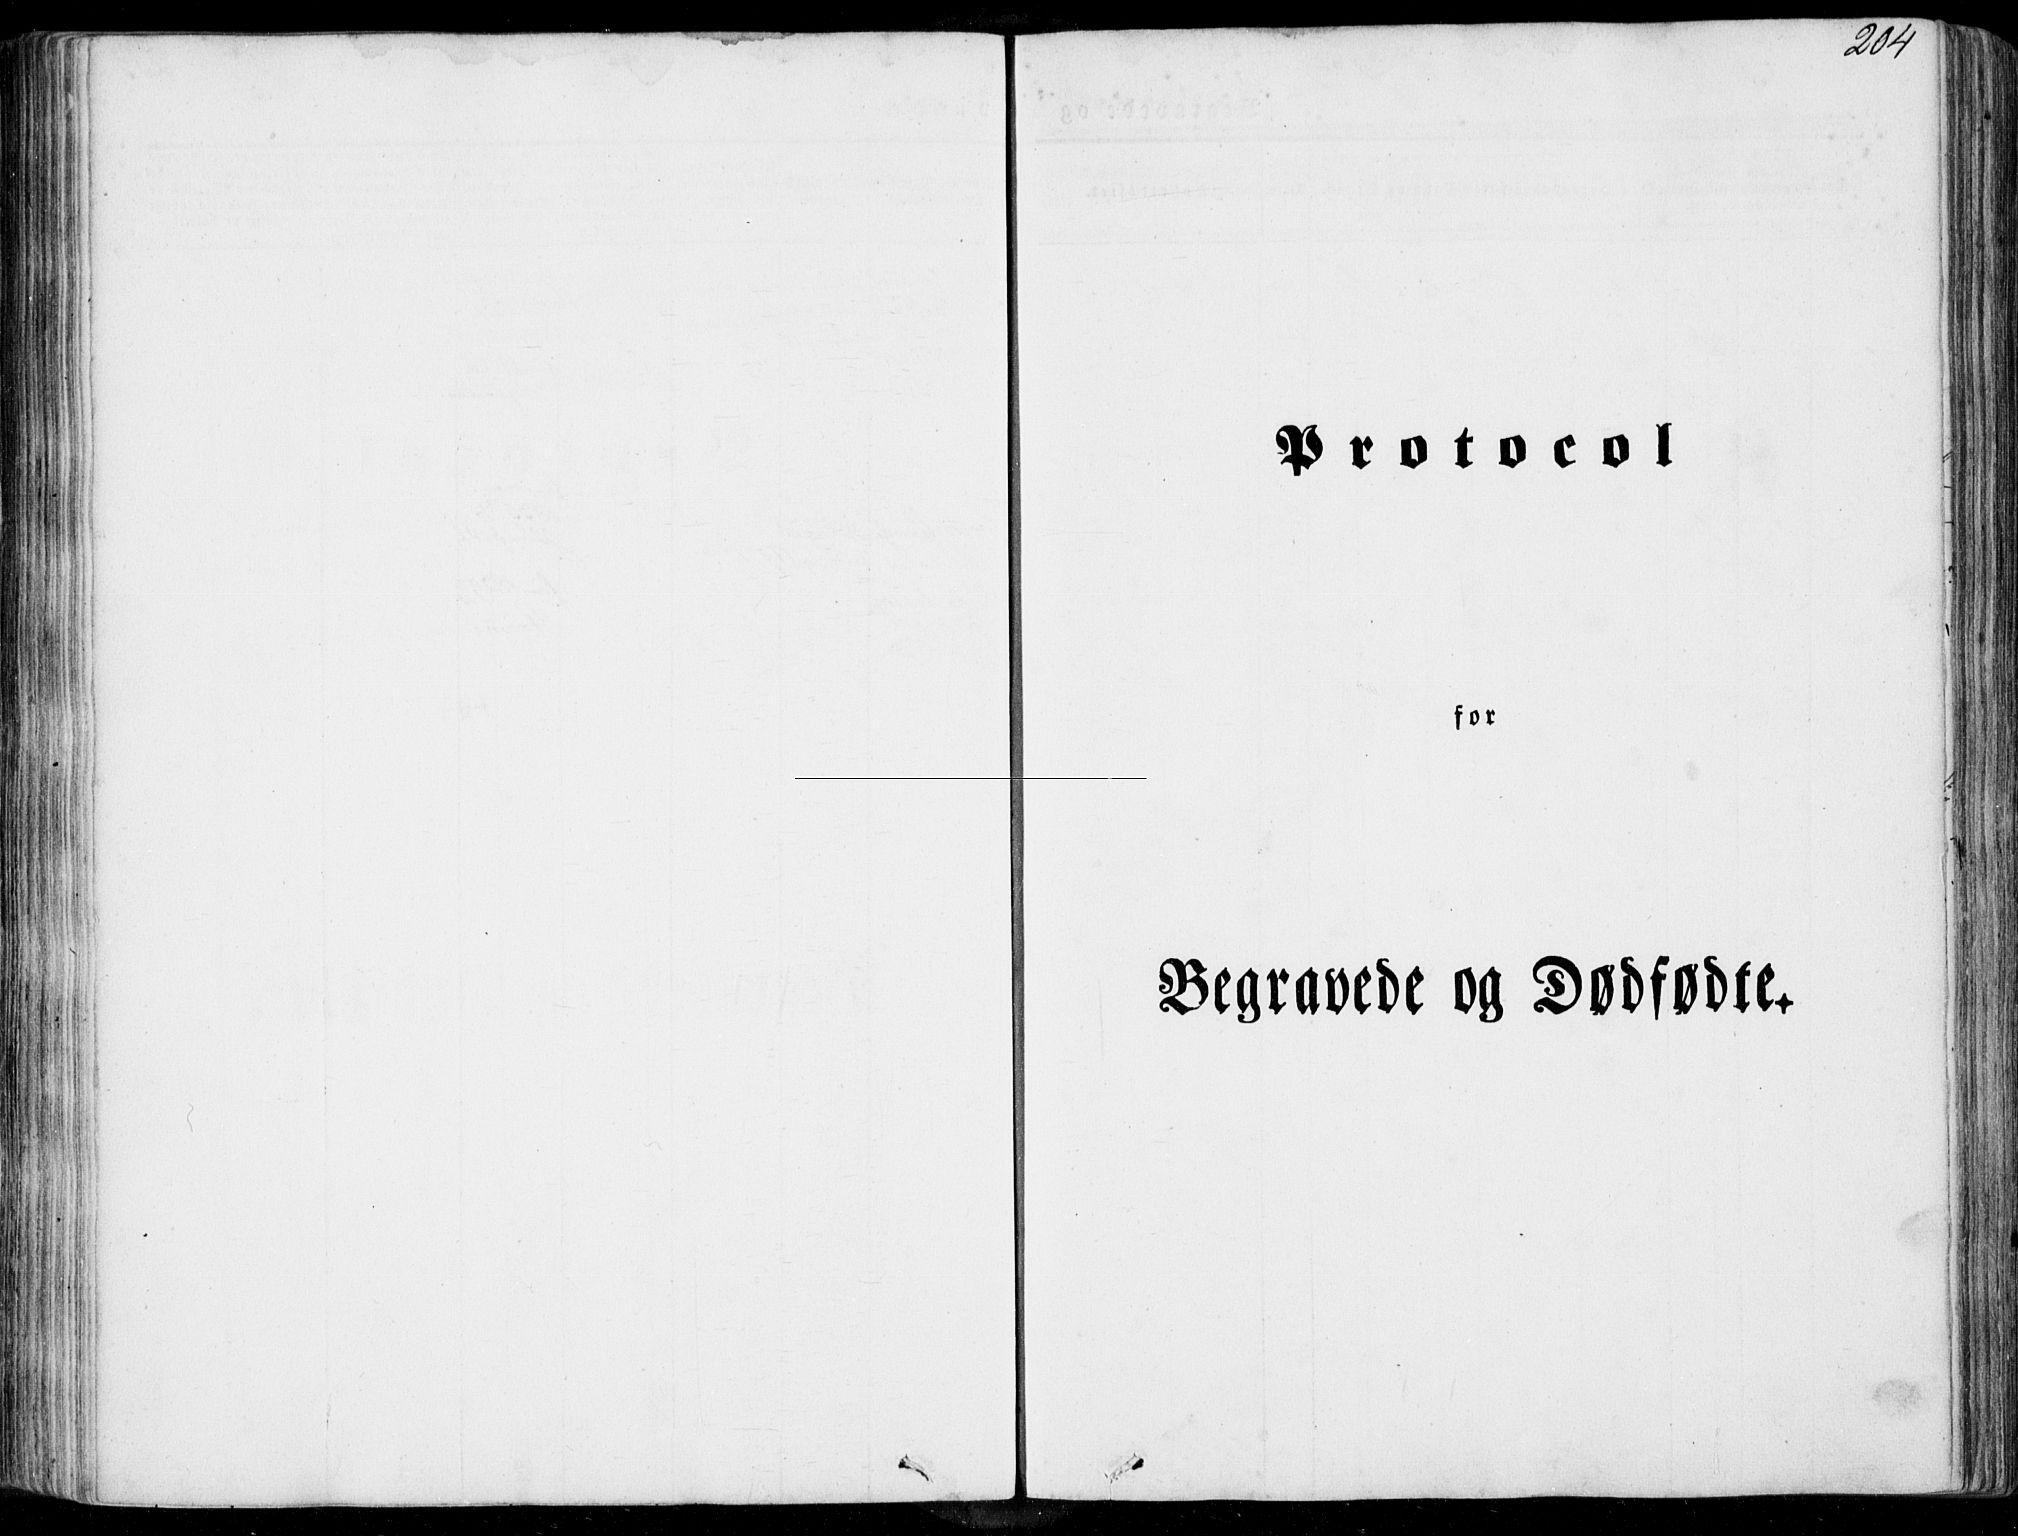 SAT, Ministerialprotokoller, klokkerbøker og fødselsregistre - Møre og Romsdal, 536/L0497: Parish register (official) no. 536A06, 1845-1865, p. 204